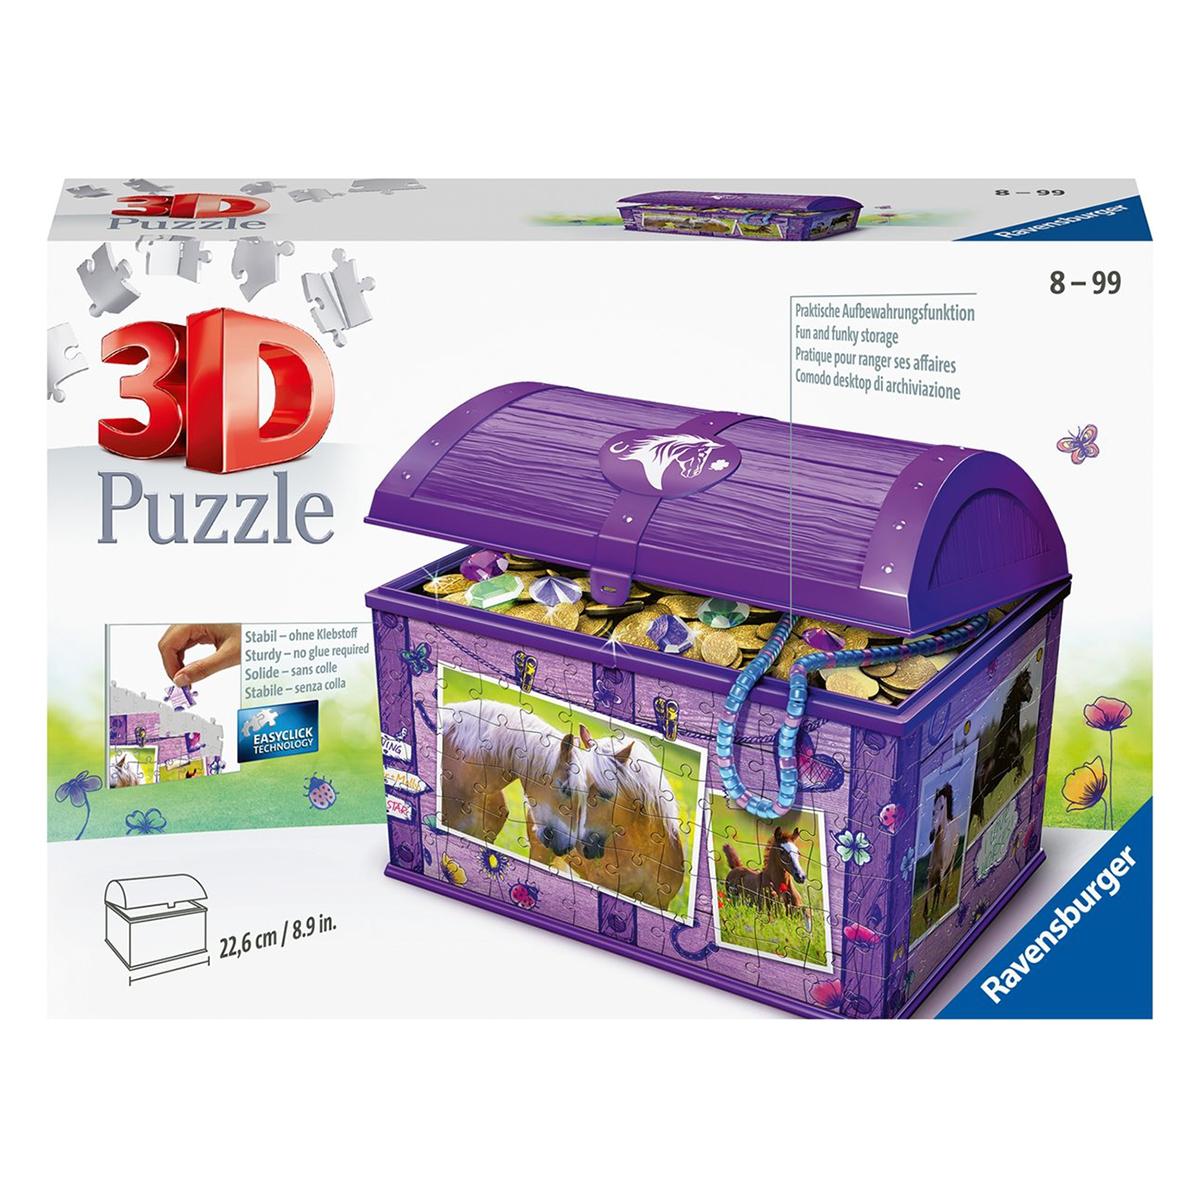 Afbeelding van Puzzel 3D Opbergdoos Paarden